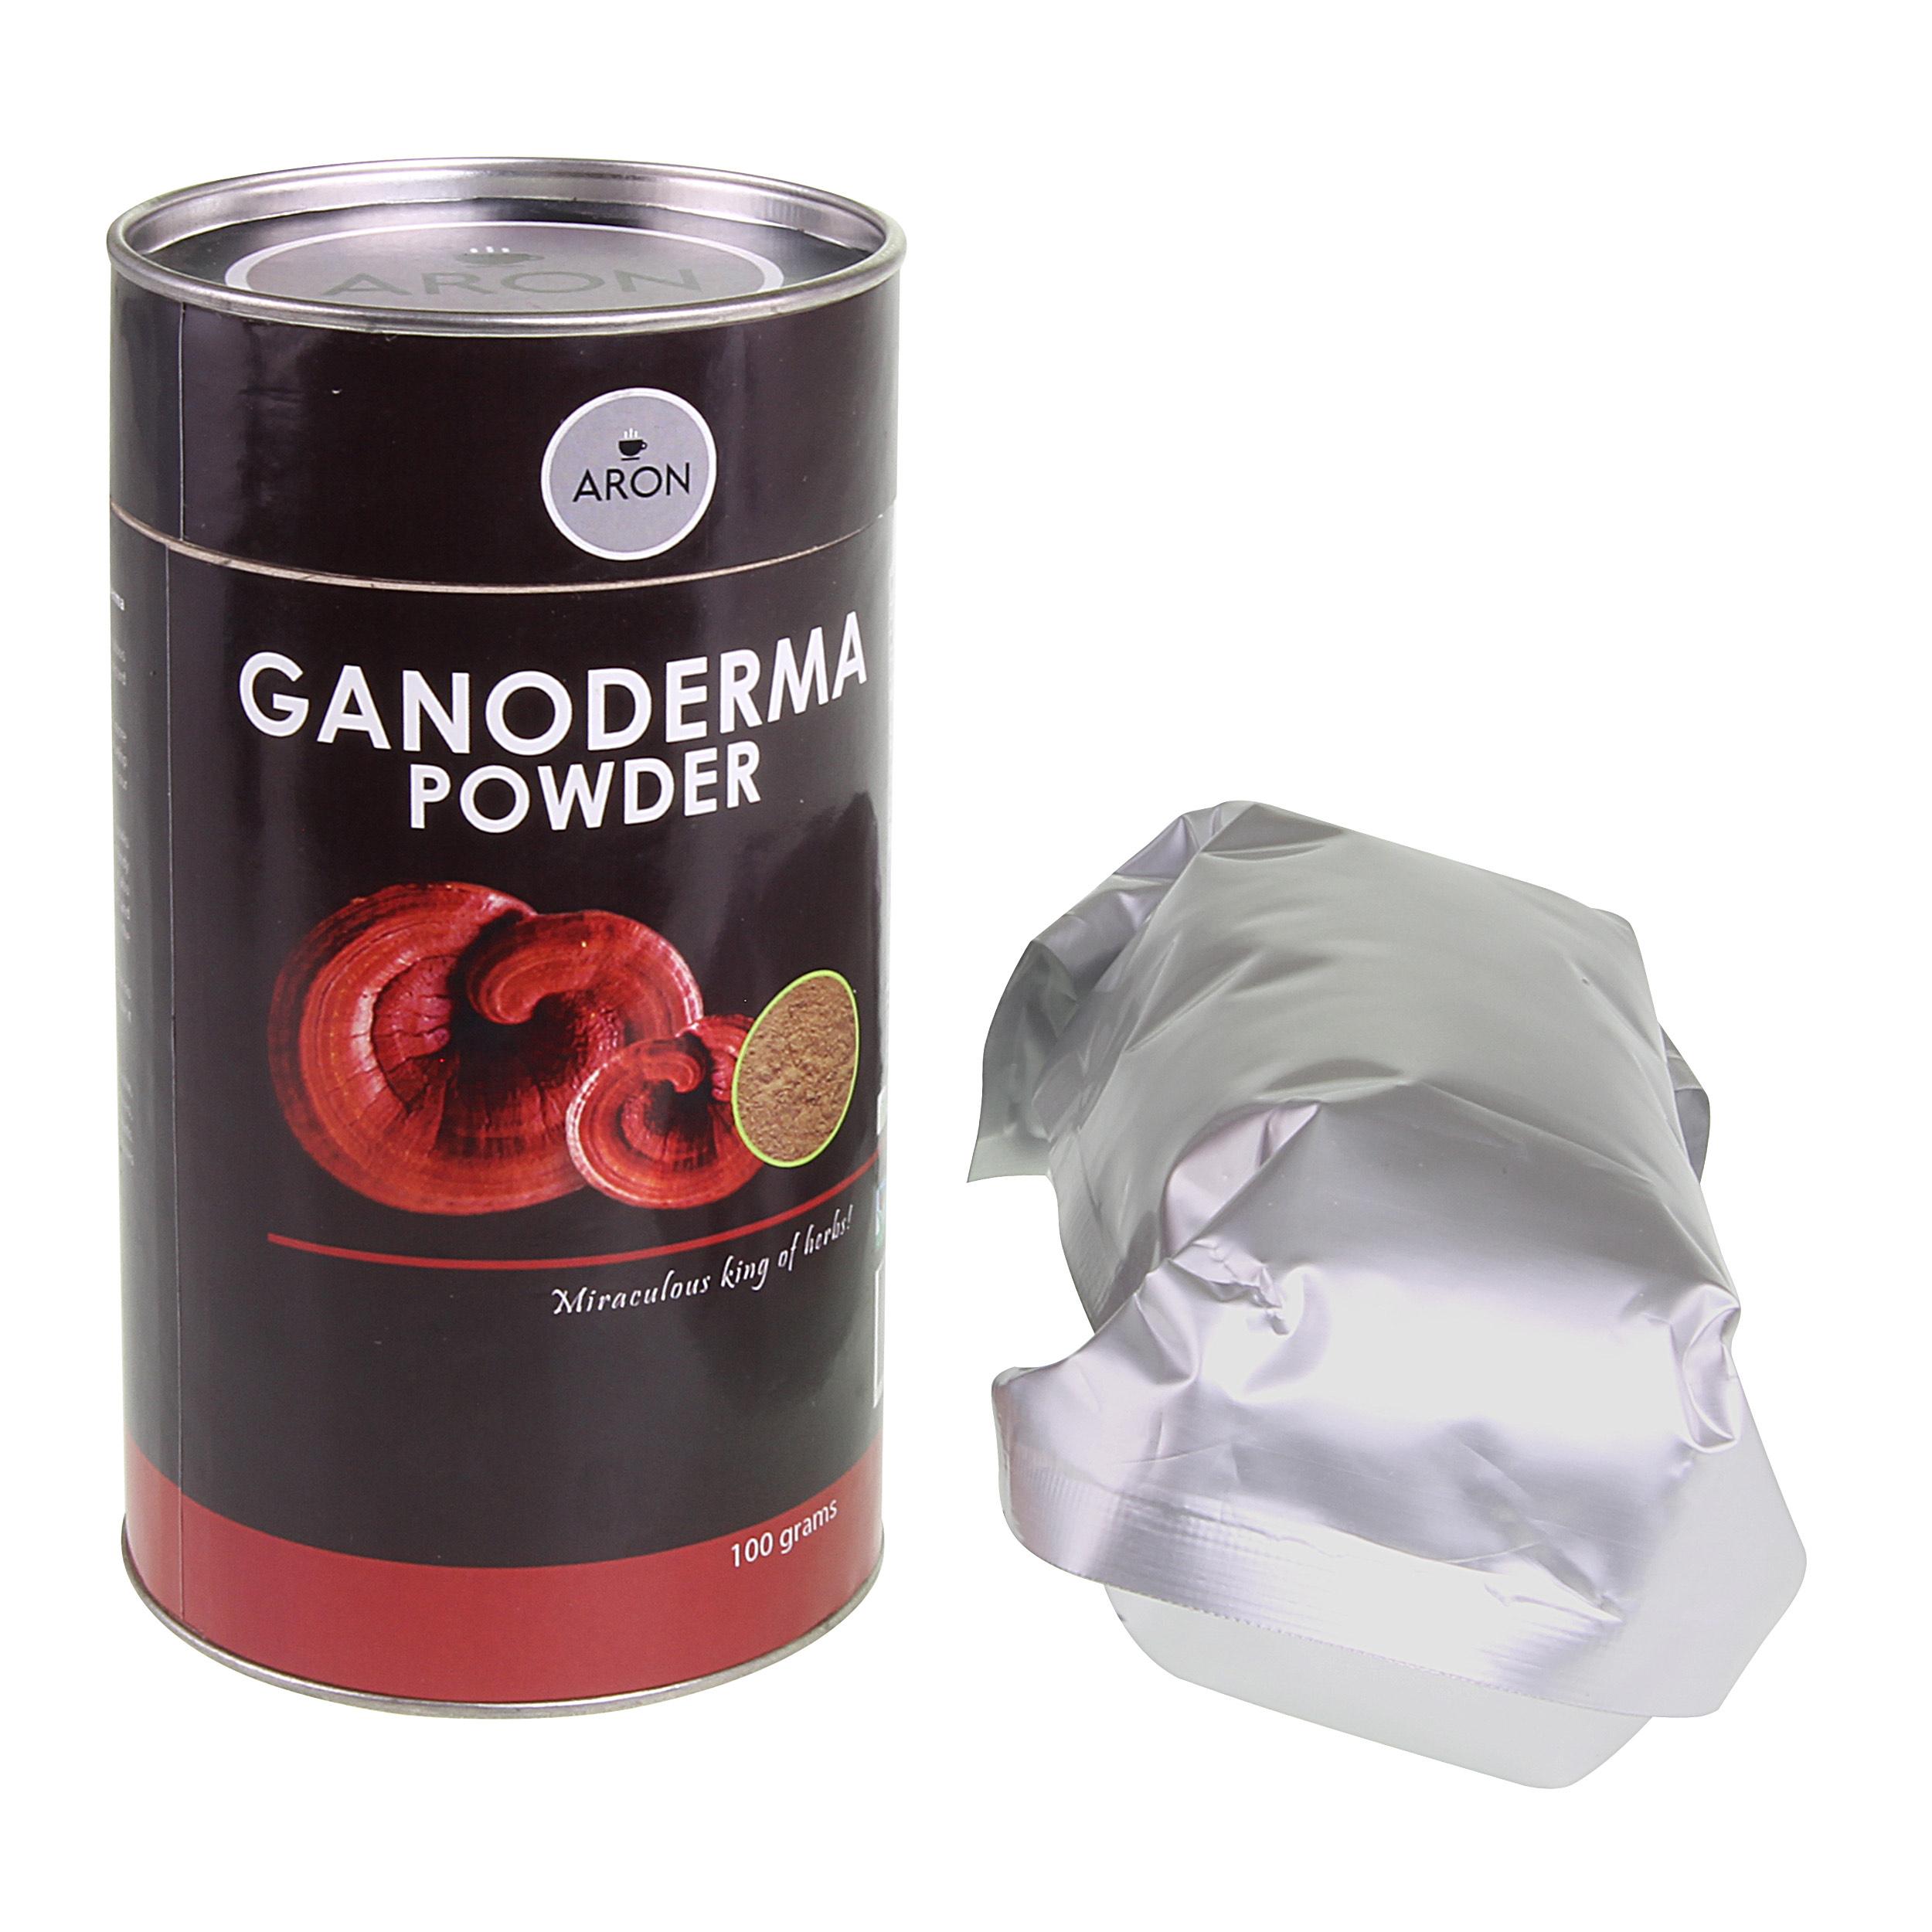 پودر قهوه گانودرما-100 گرم